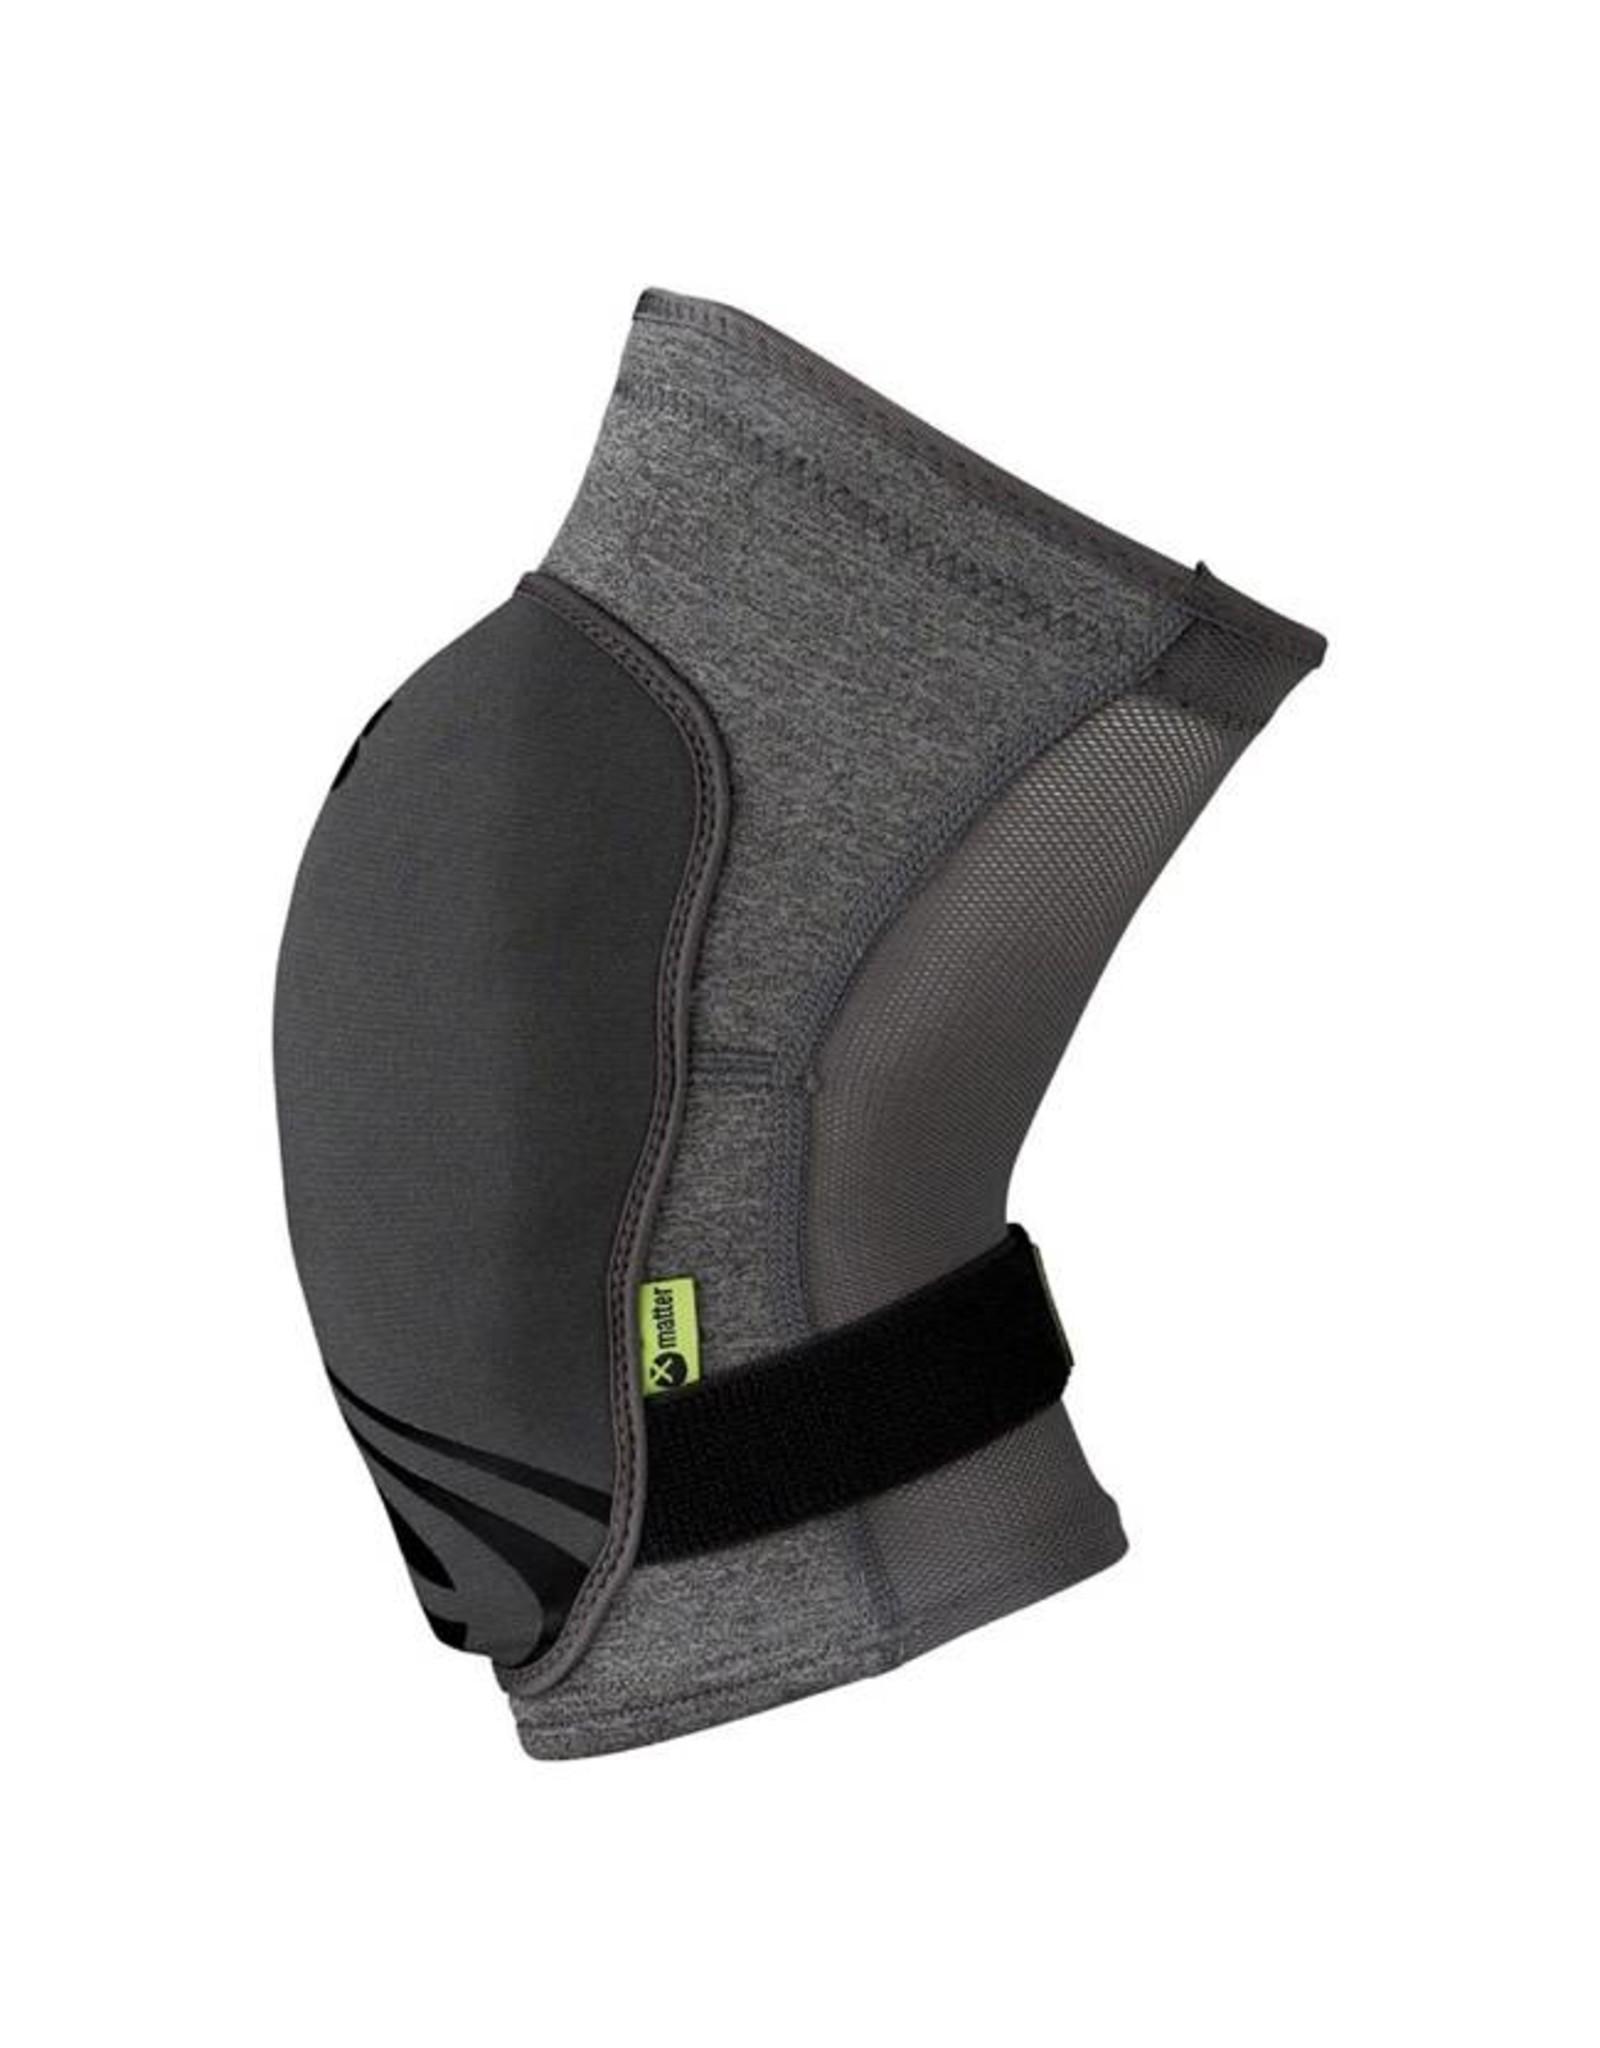 IXS iXS Flow Evo+ Knee Pads: Gray XL